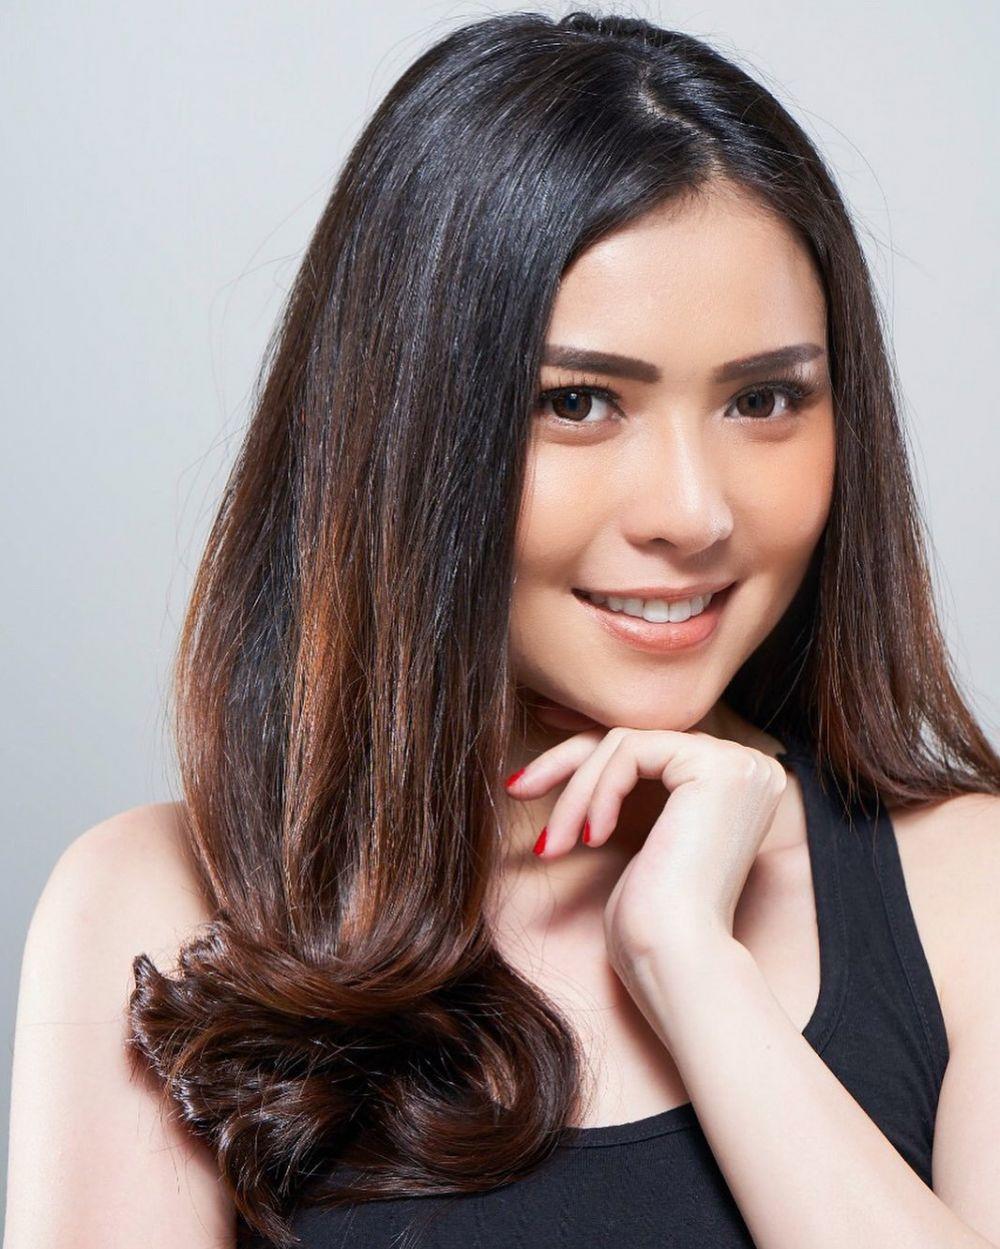 9 Pesona Rheiny, wanita yang jadi orang ketiga Tisna & Yuli di TOP instagram